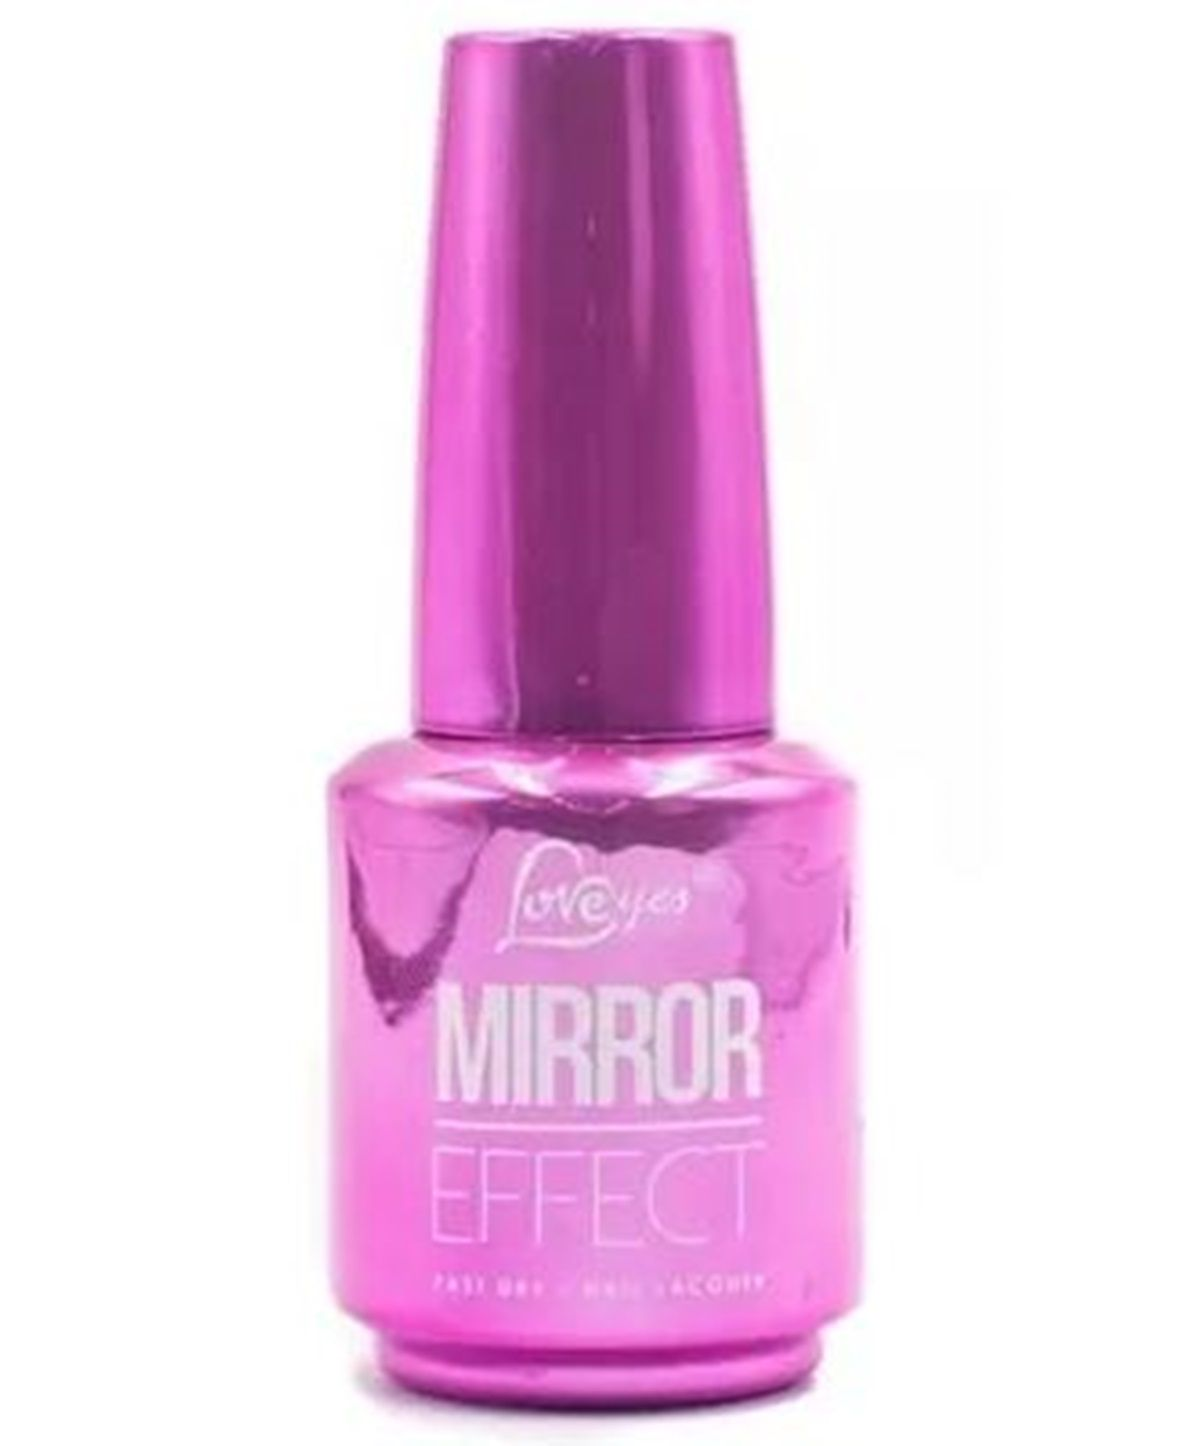 Esmalte Cromado Metalizado Pink 04 Mirror Effect Efeito Gel Love Yes